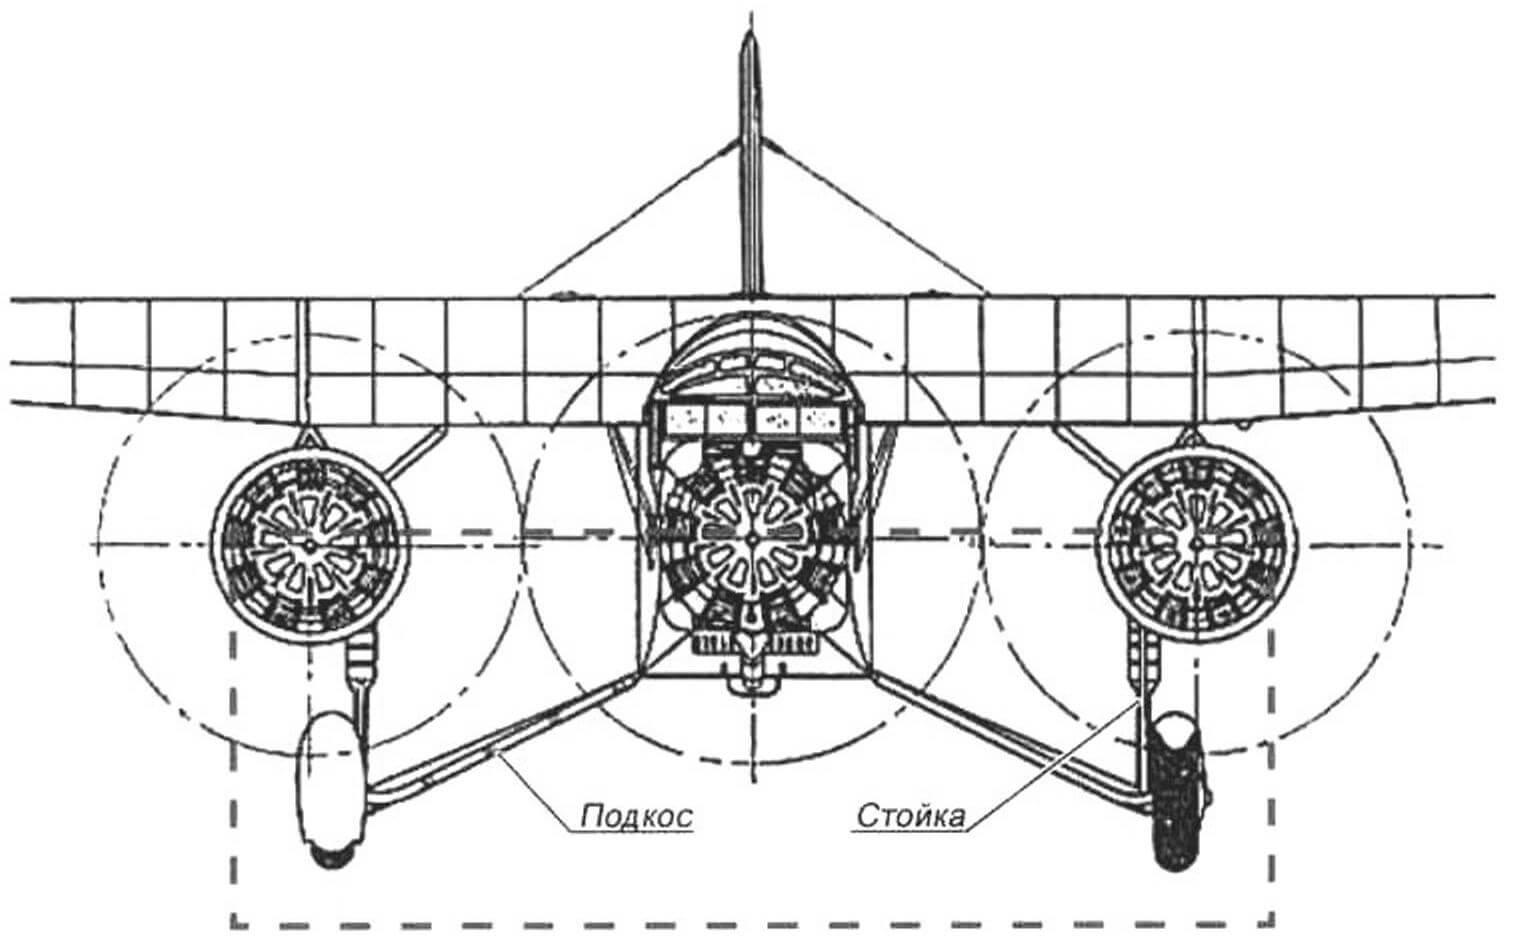 Подкосные опоры шасси самолета очень похожи на стойки скамейки